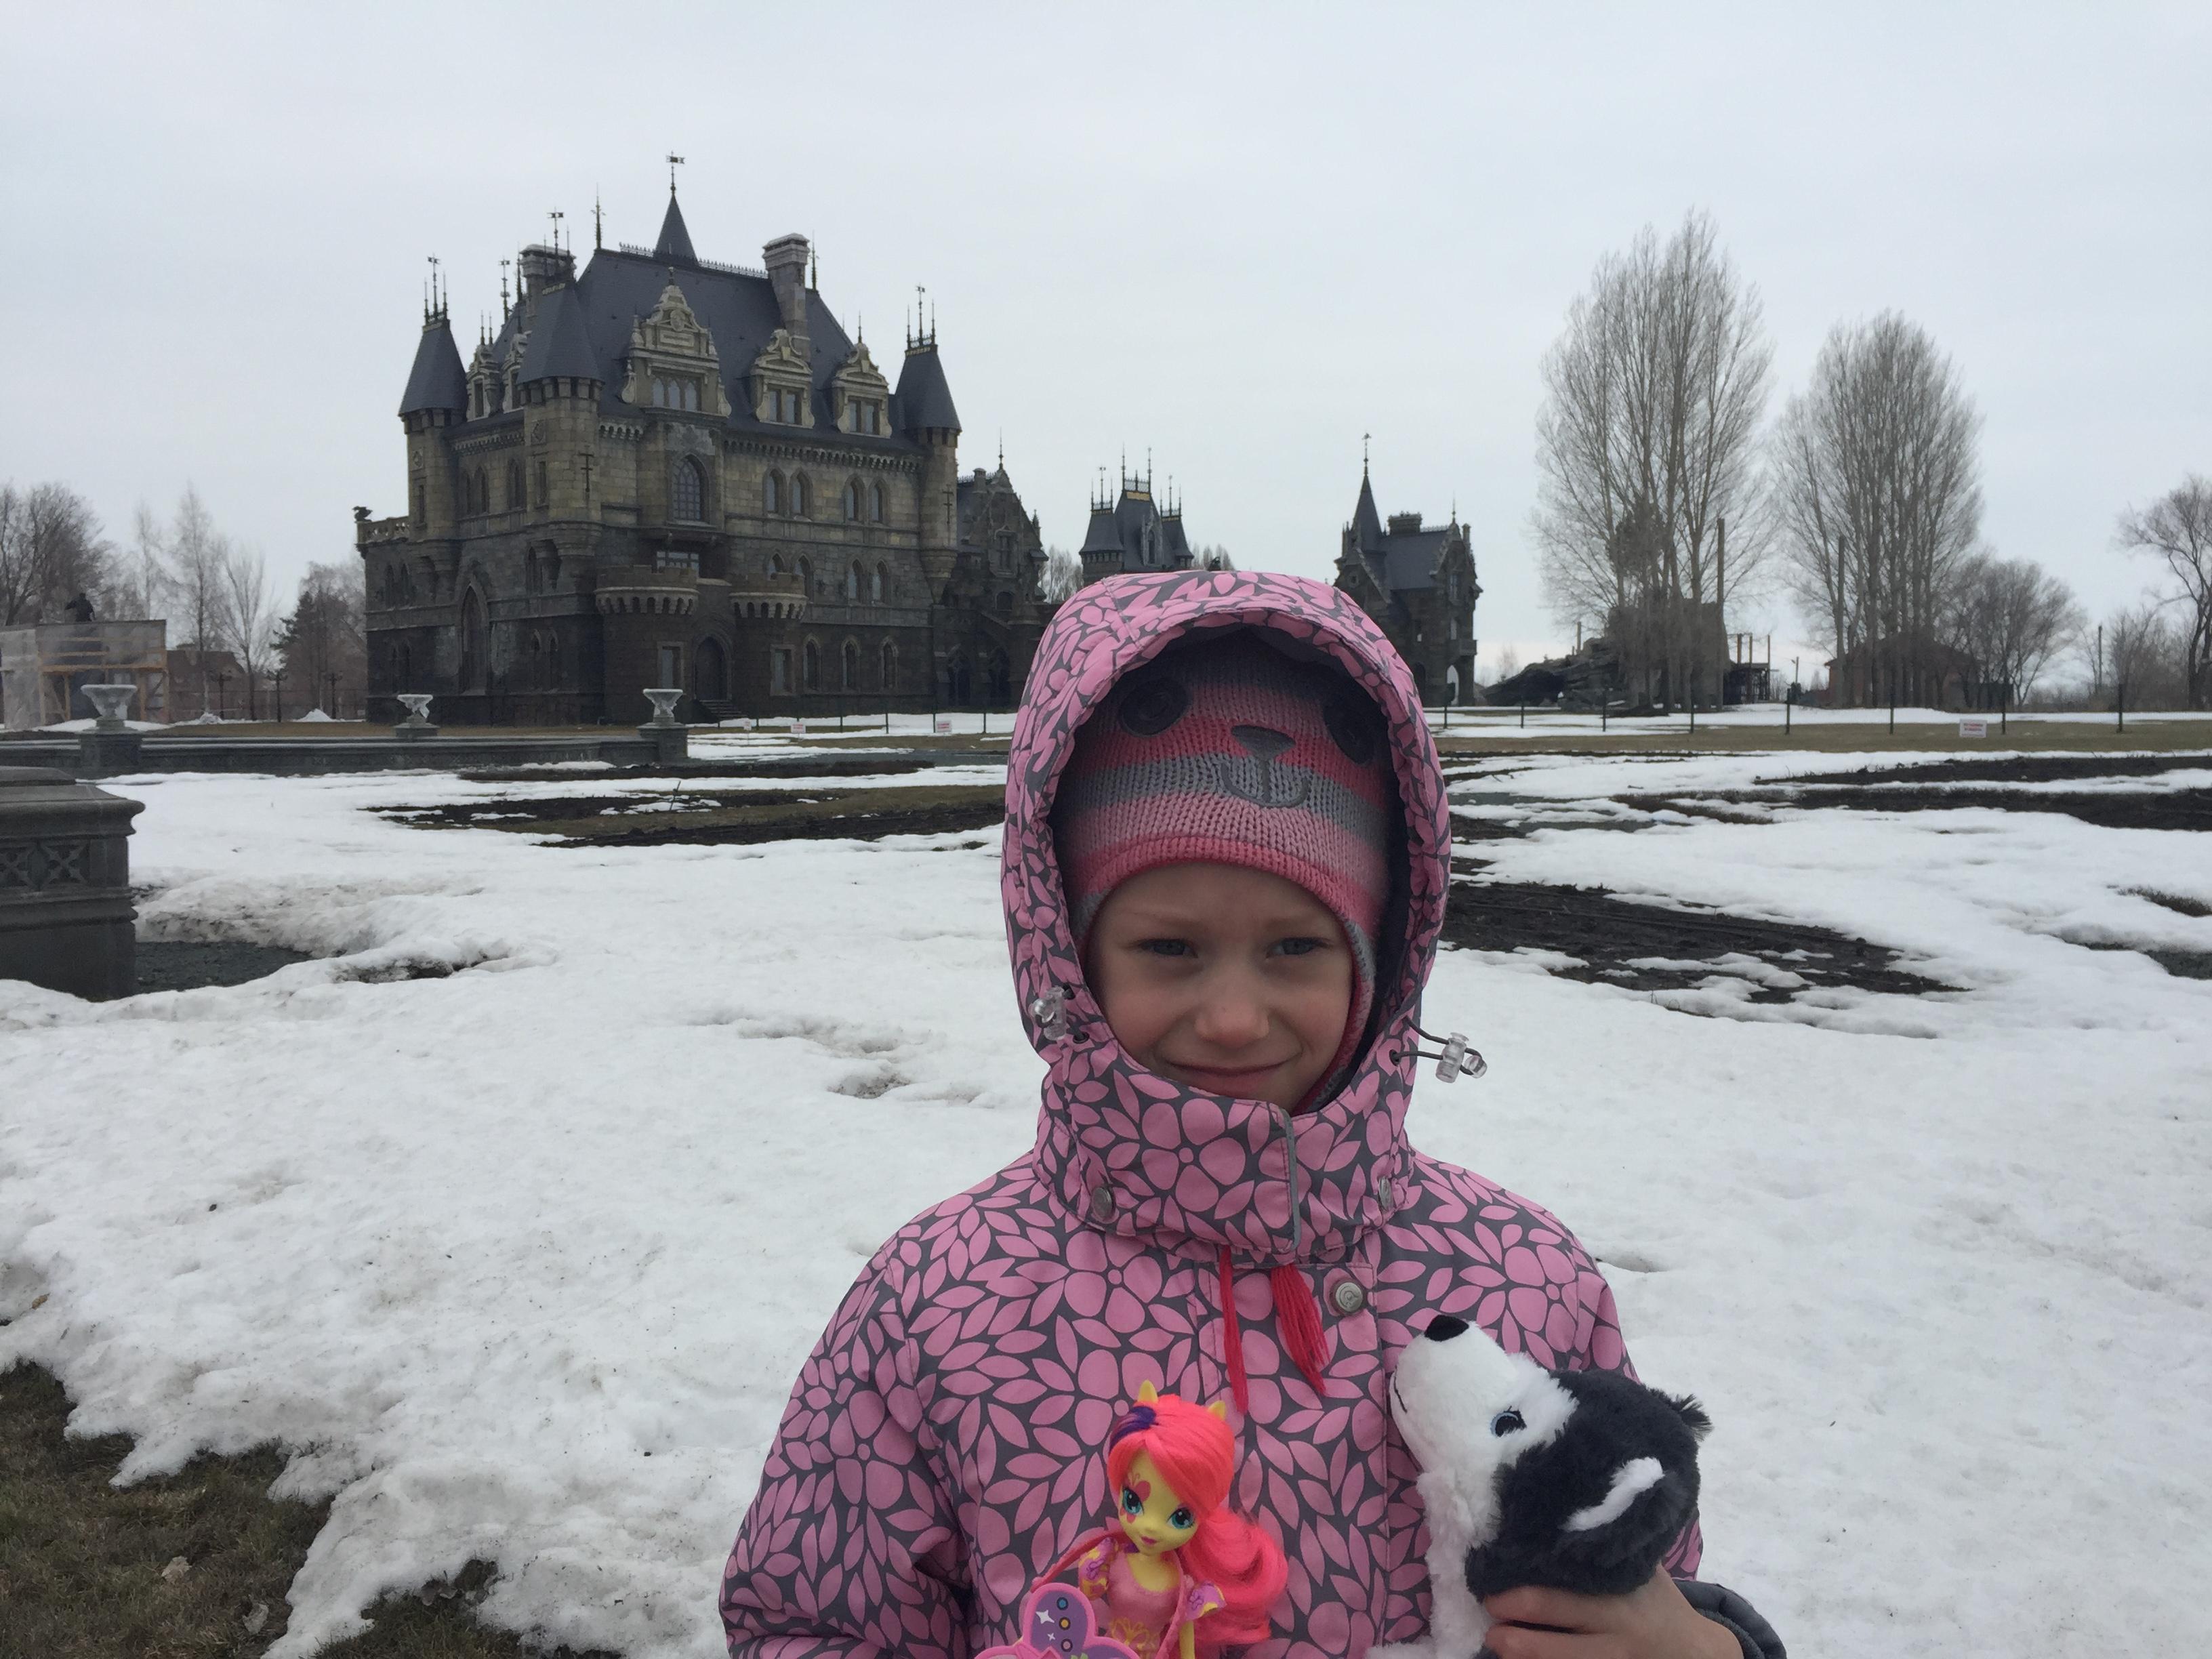 Замок Гарибальди Самарская область 5 апреля 2019. Весеннее настроение